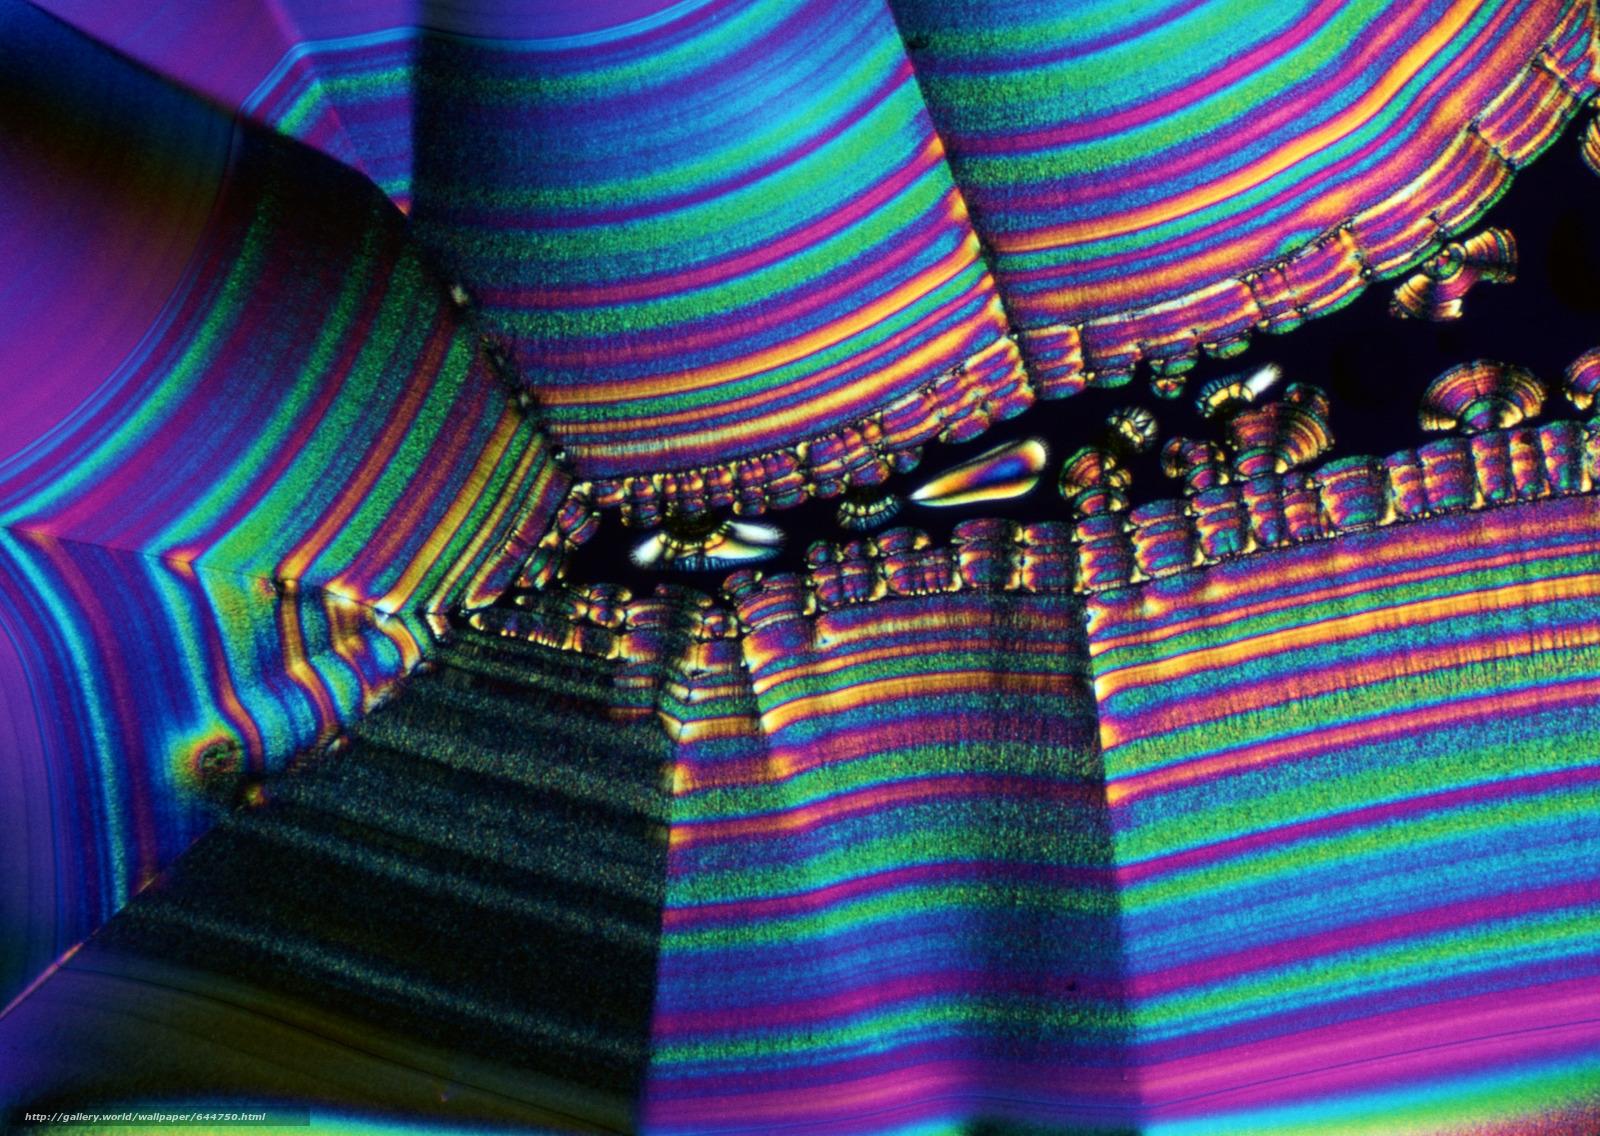 Скачать обои кристаллы под микроскопом,  кристалл,  микроскоп,  увеличение бесплатно для рабочего стола в разрешении 2950x2094 — картинка №644750